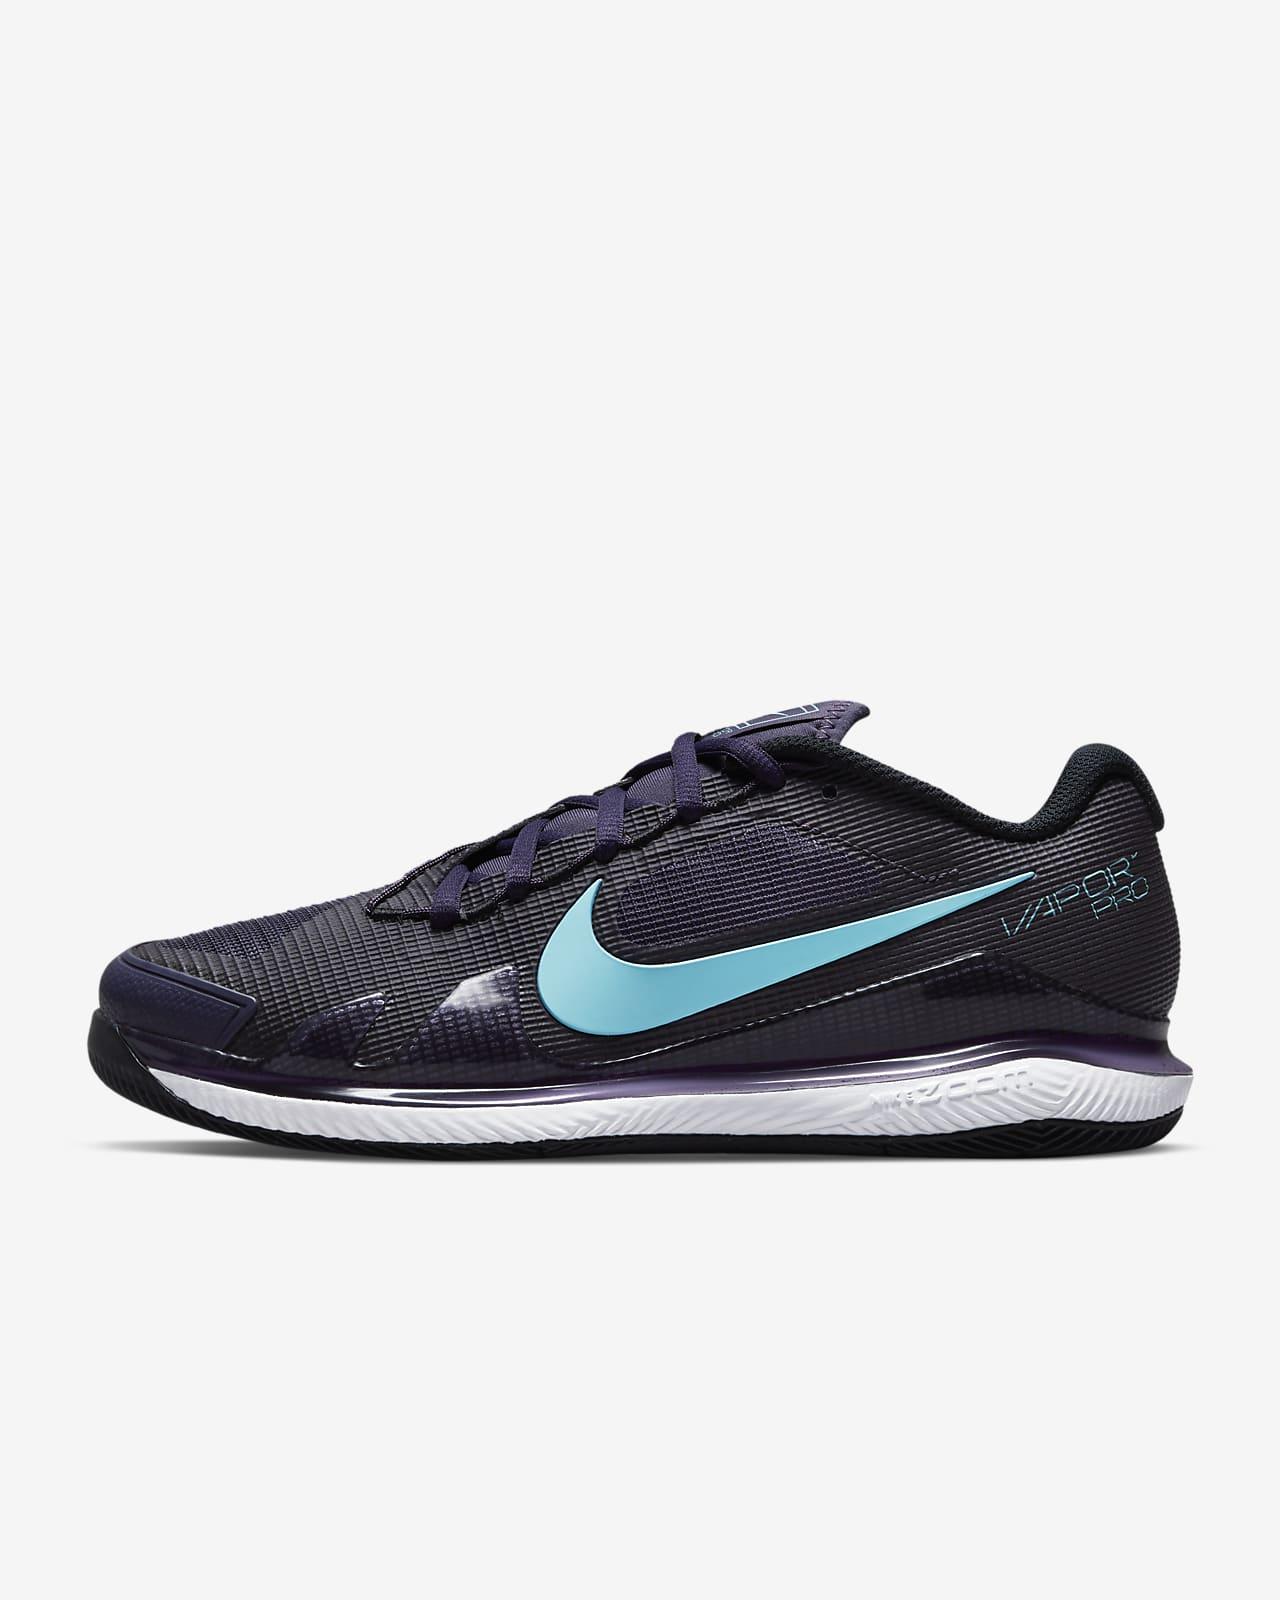 Calzado de tenis para cancha dura para mujer NikeCourt Air Zoom Vapor Pro